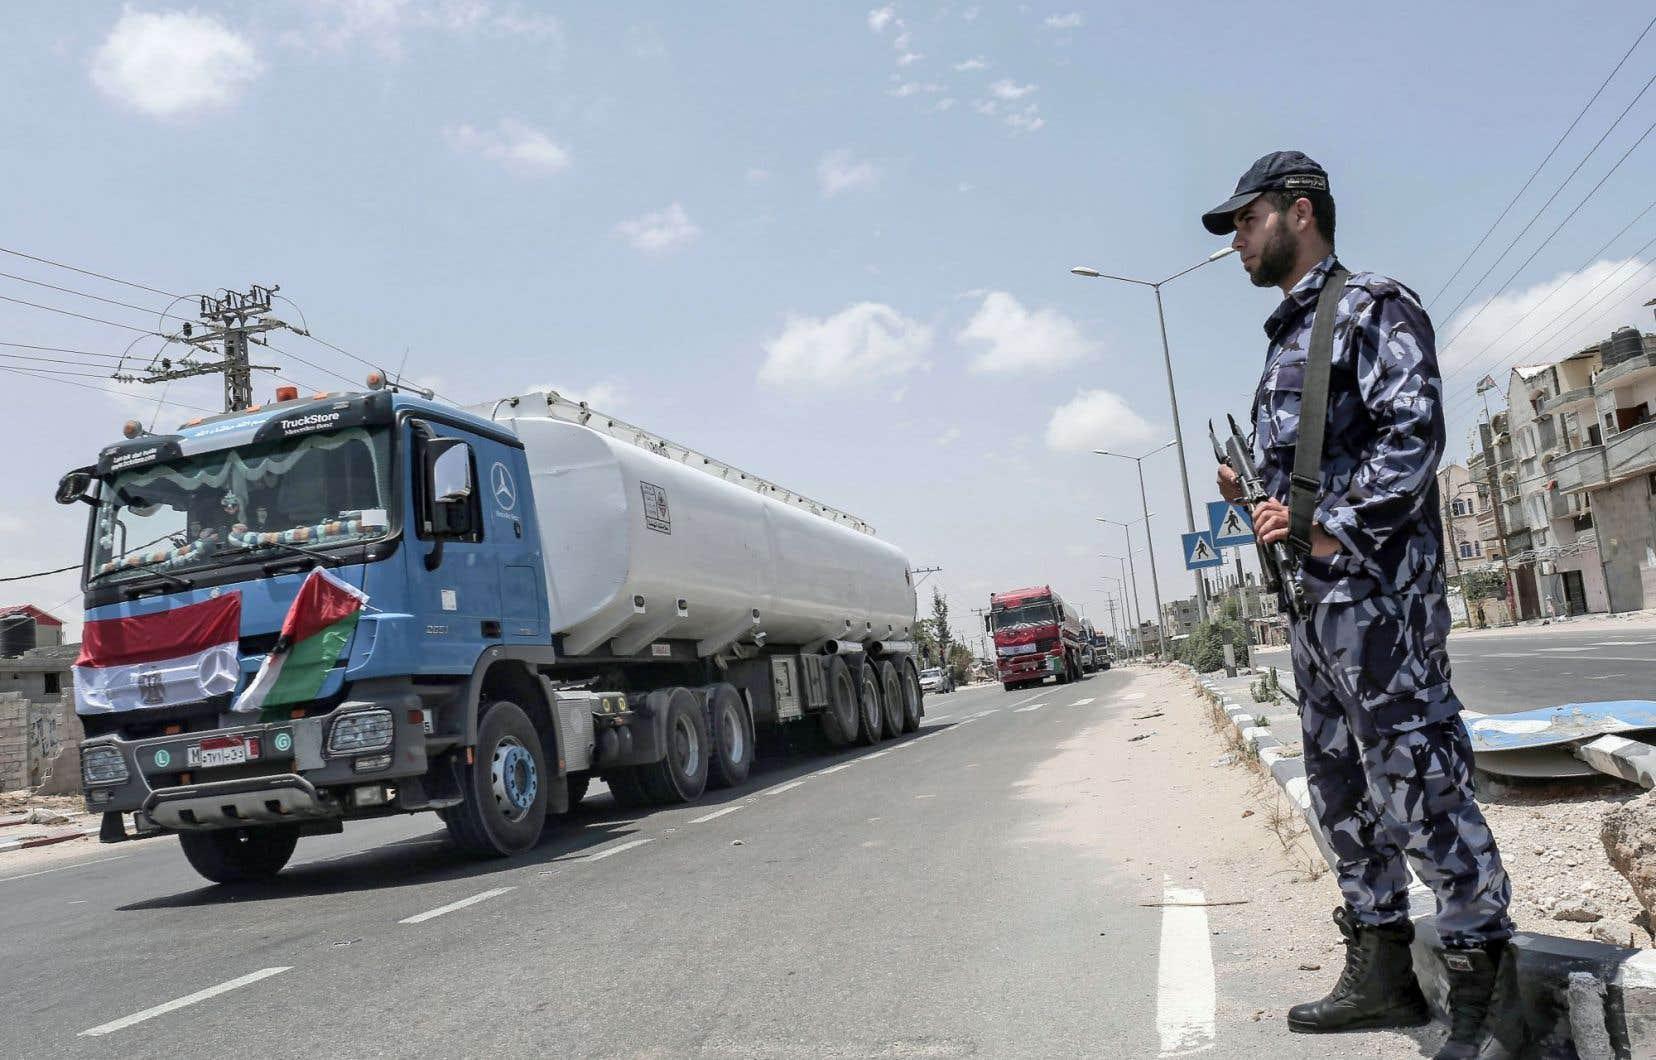 Les forces de sécurité palestiniennes surveillent l'arrivée des convois égyptiens.